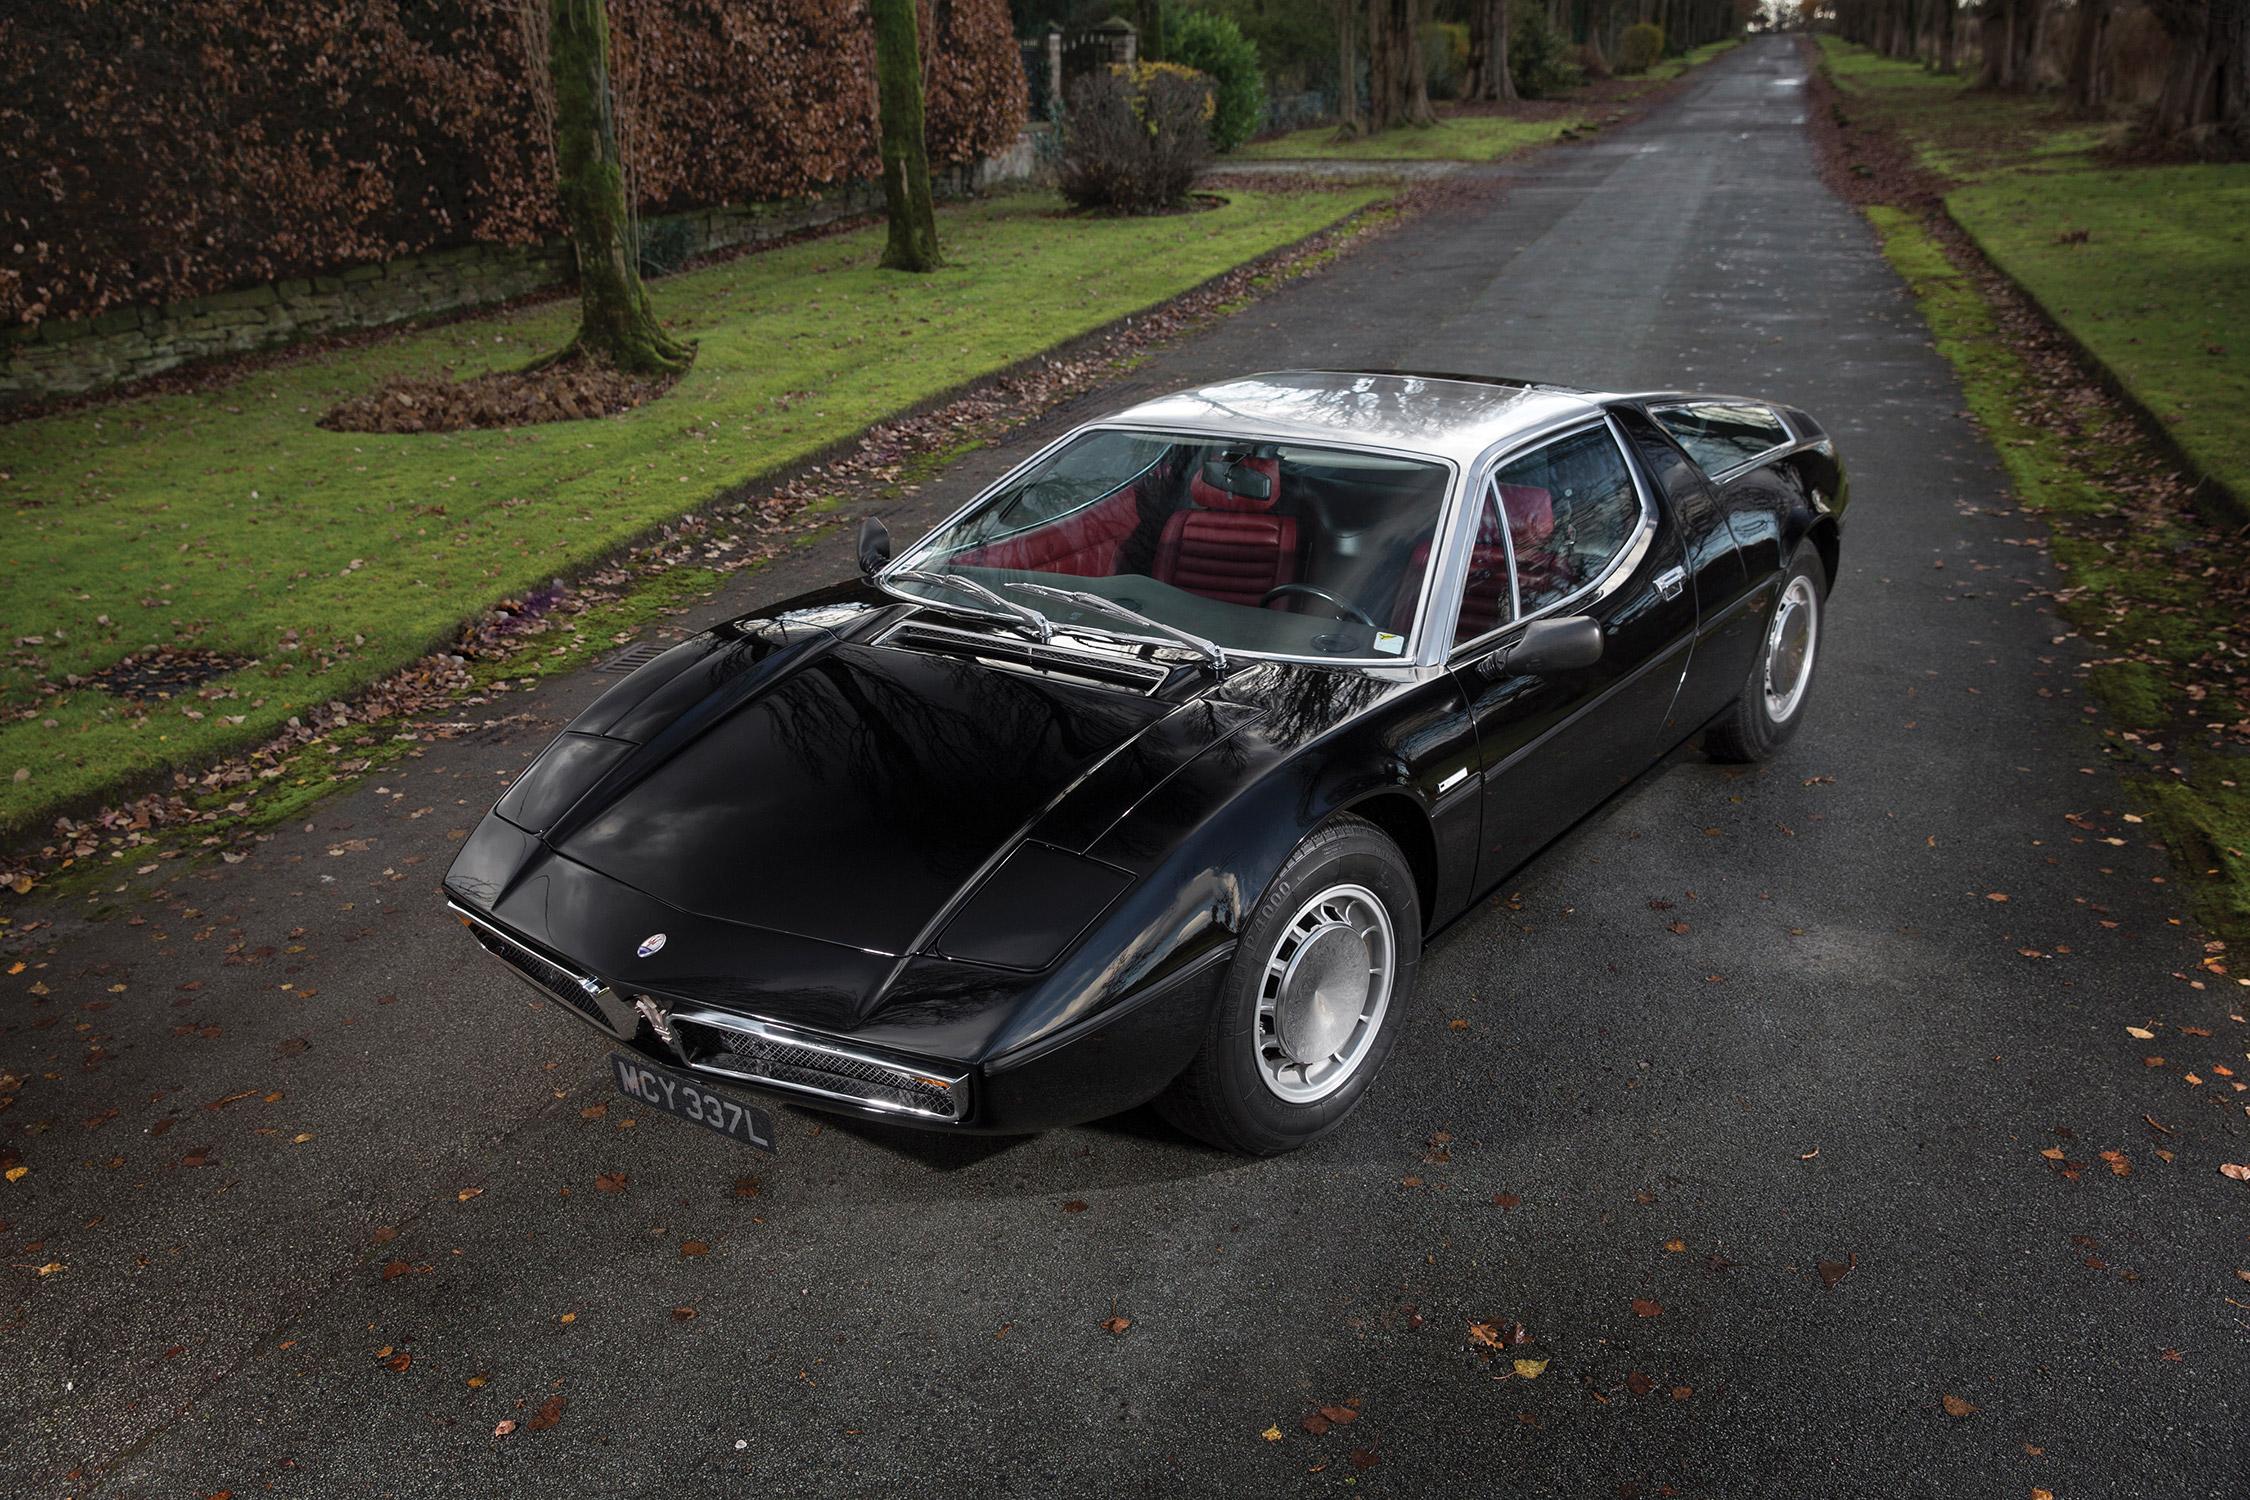 photo MASERATI BORA V8 4.9 330 ch coupé 1973 - Motorlegend.com